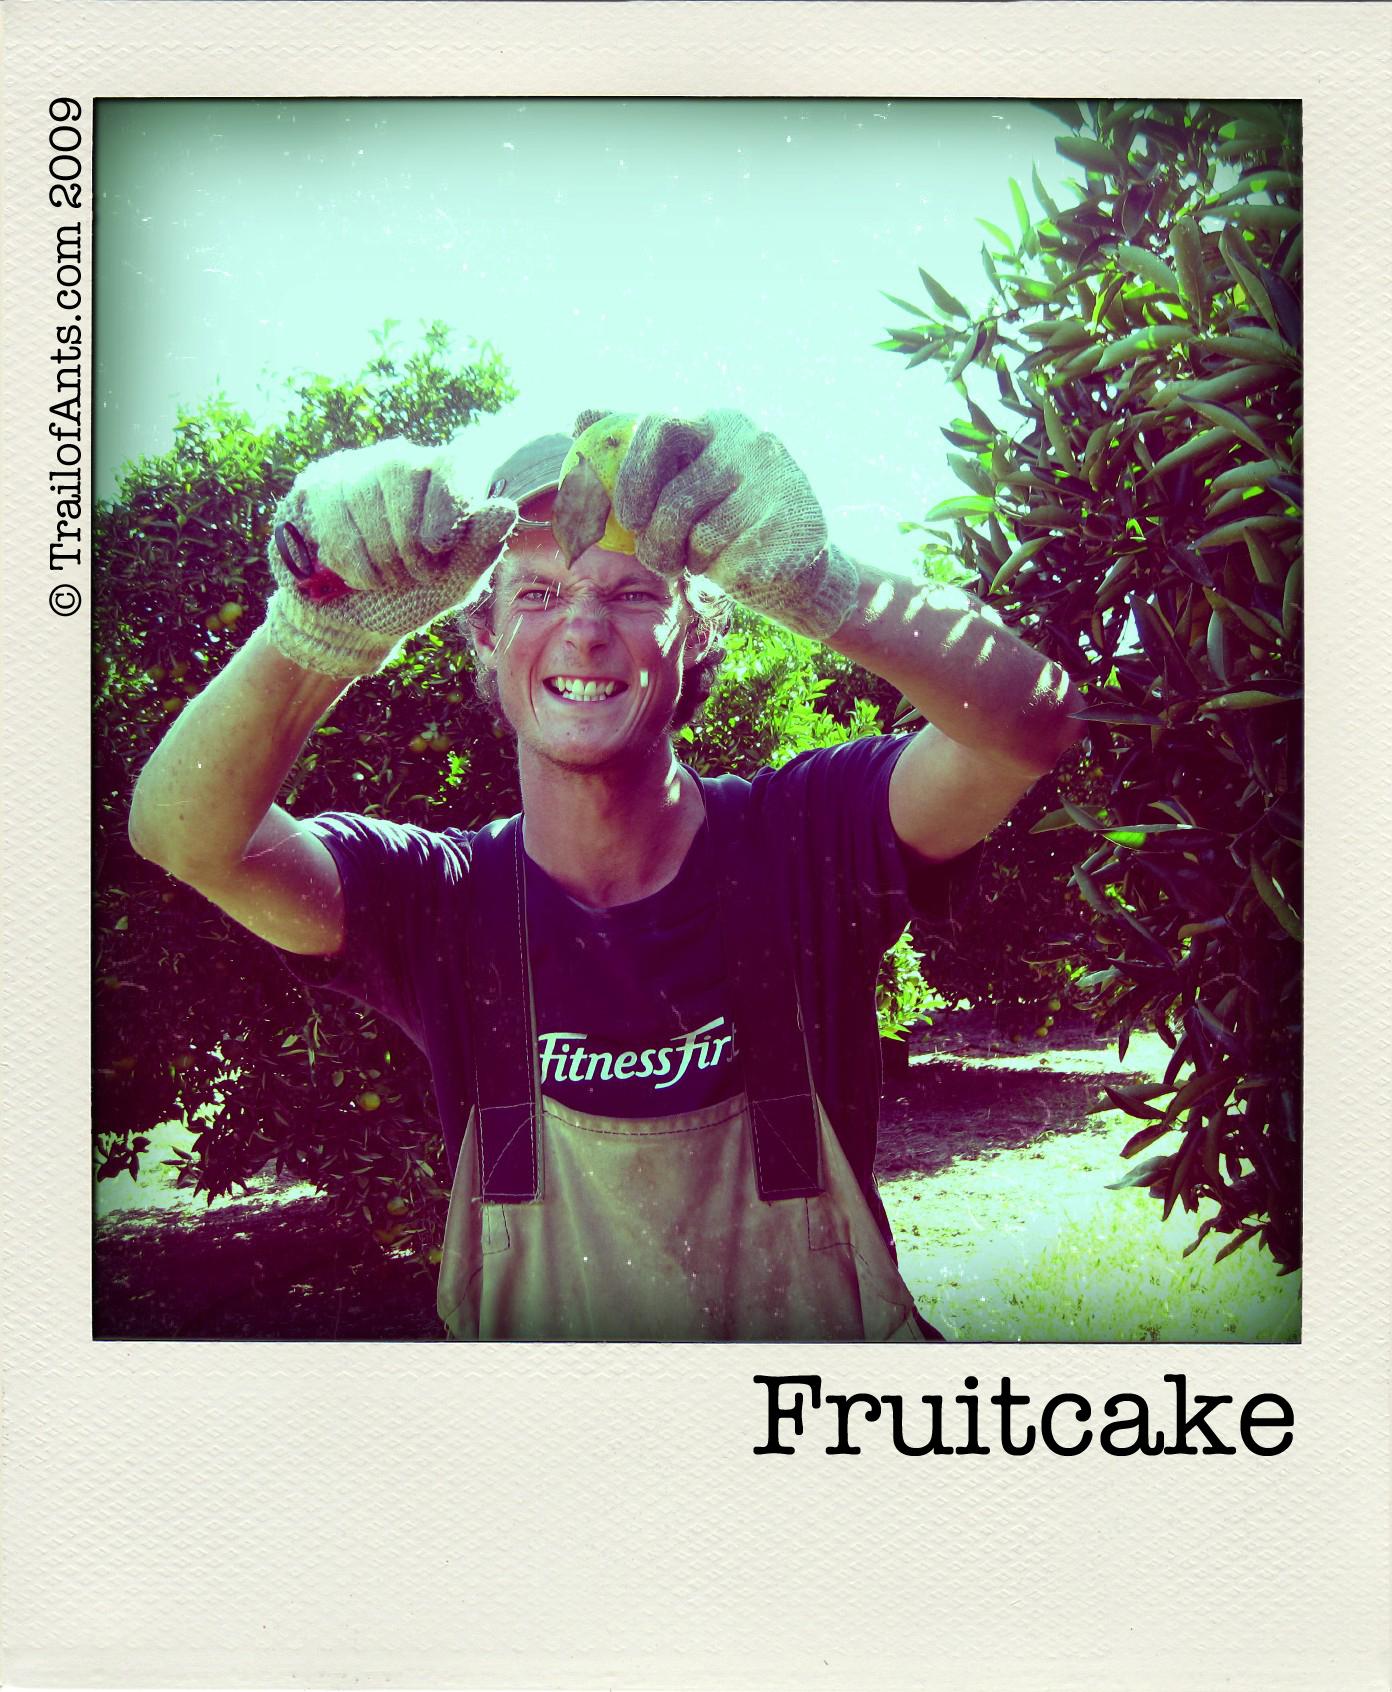 badfruit_stab